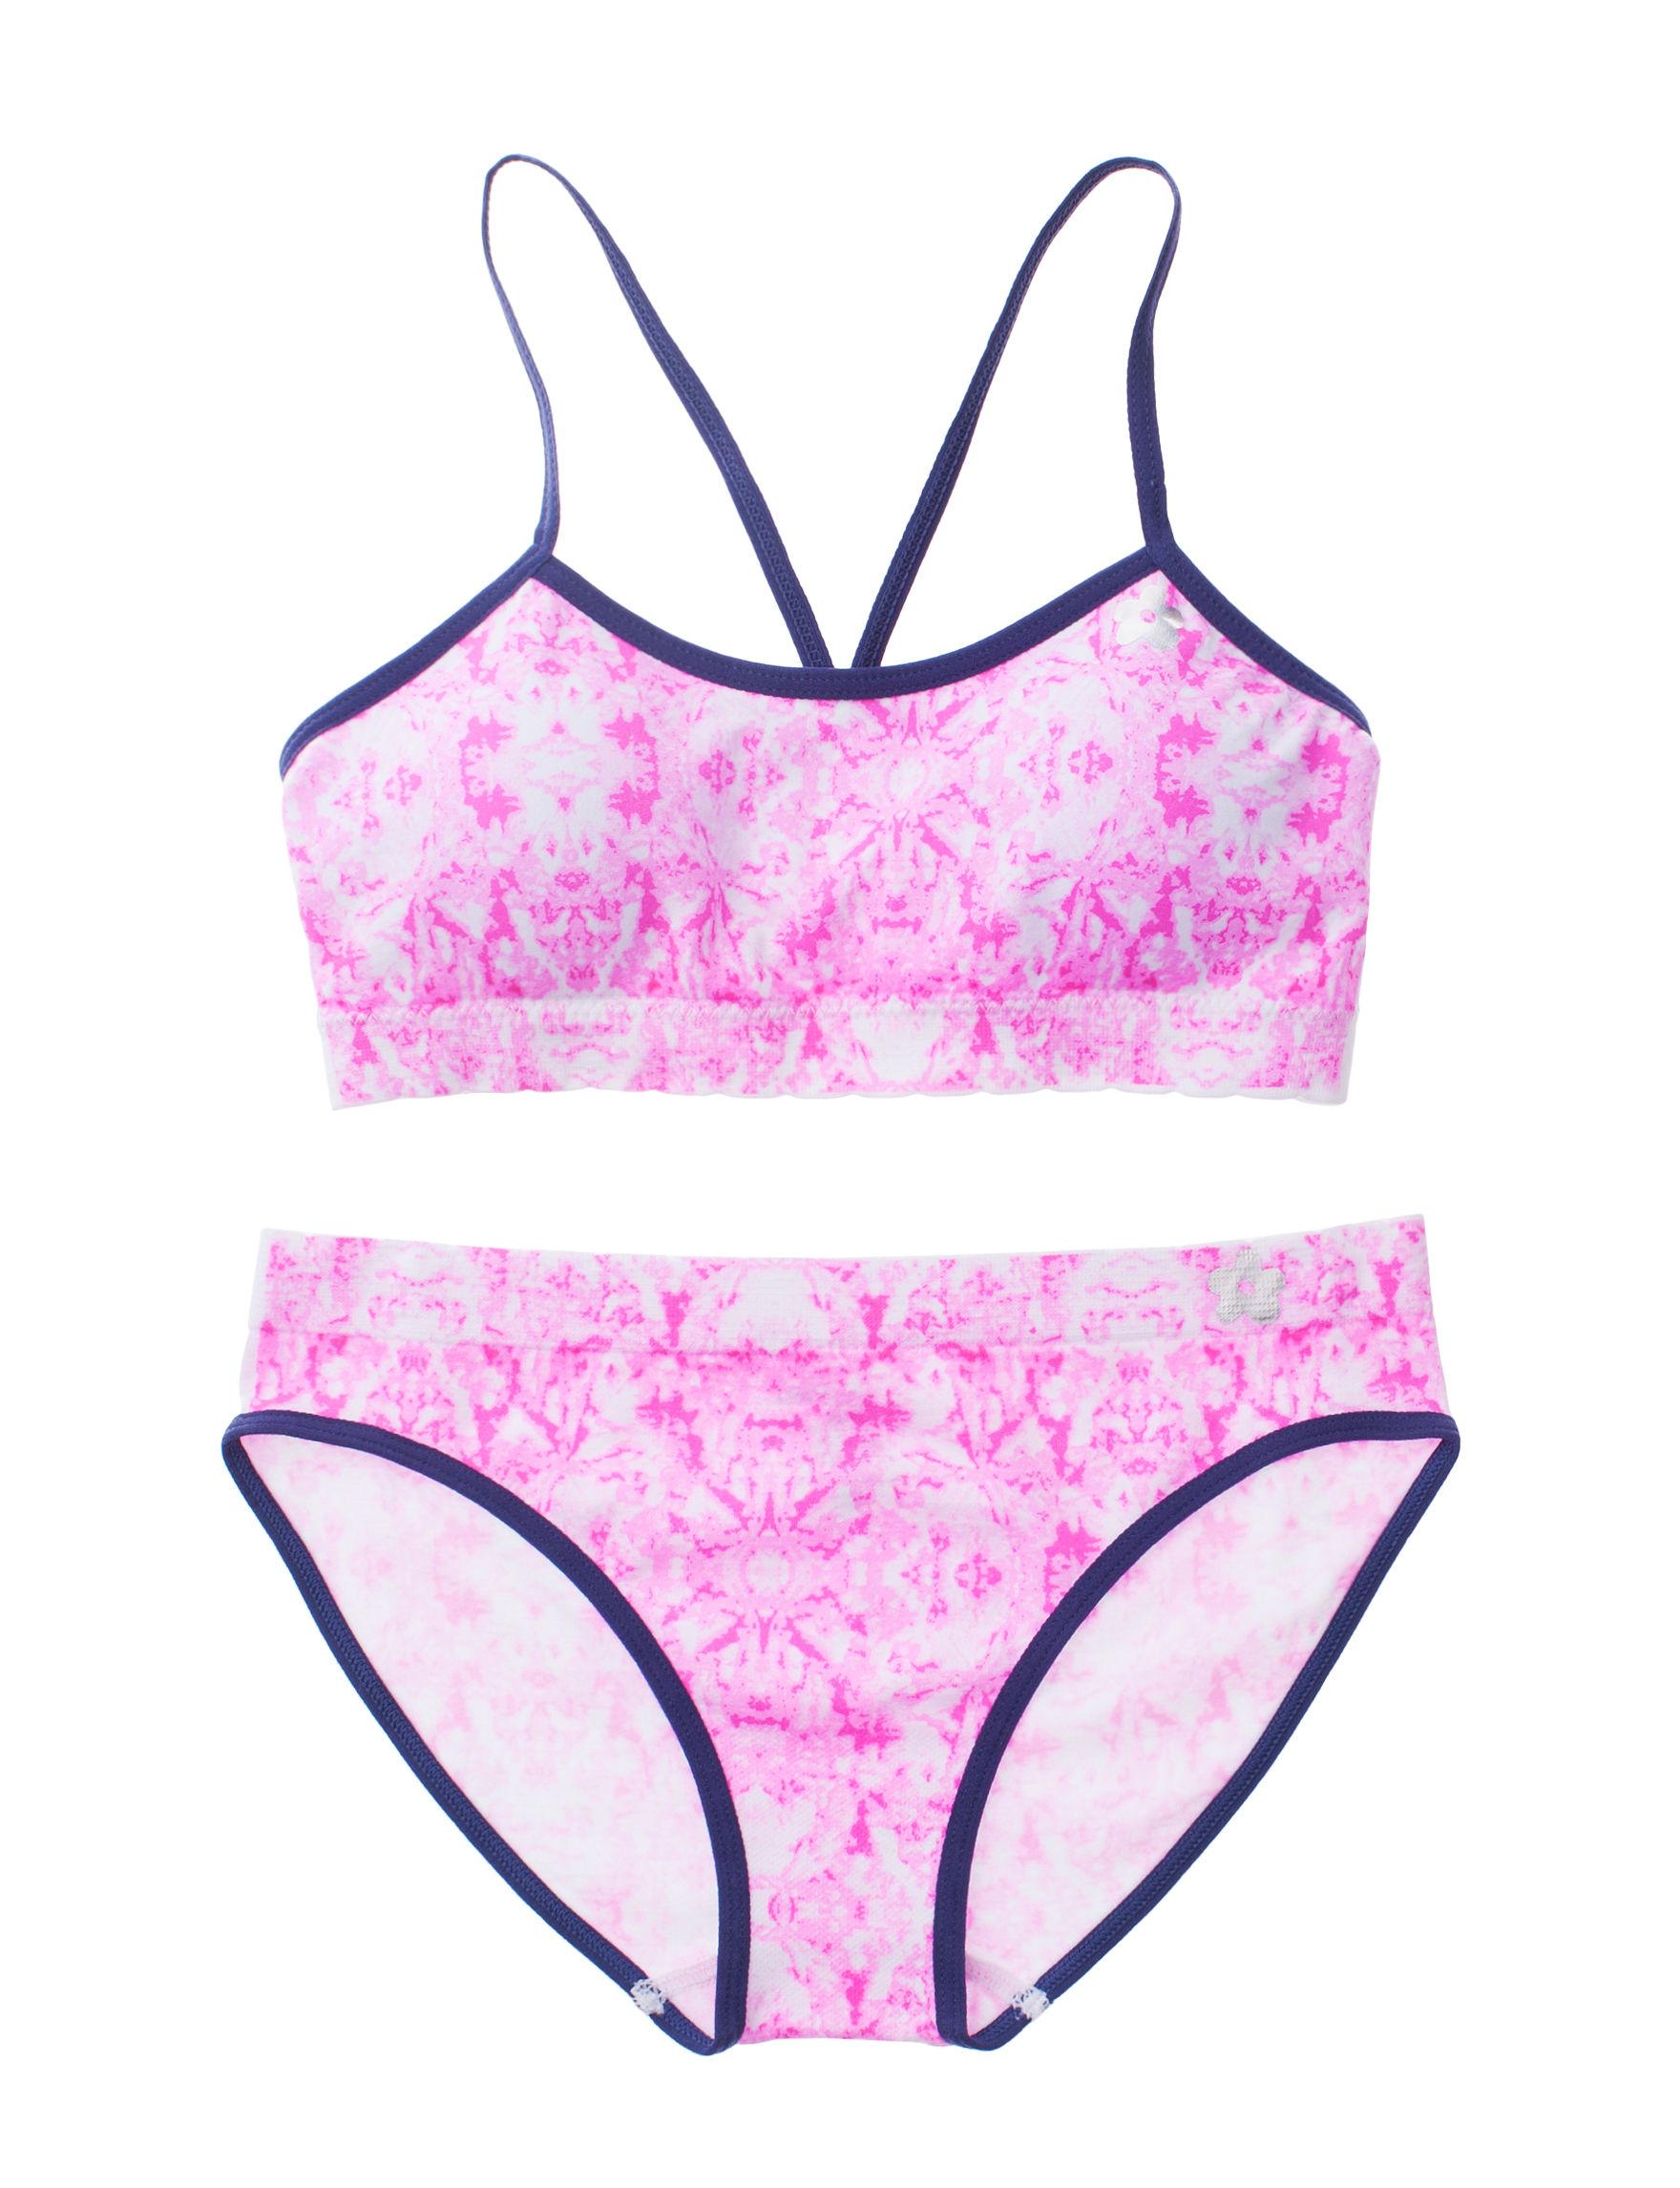 Limited Too Raspberry Bras Panties